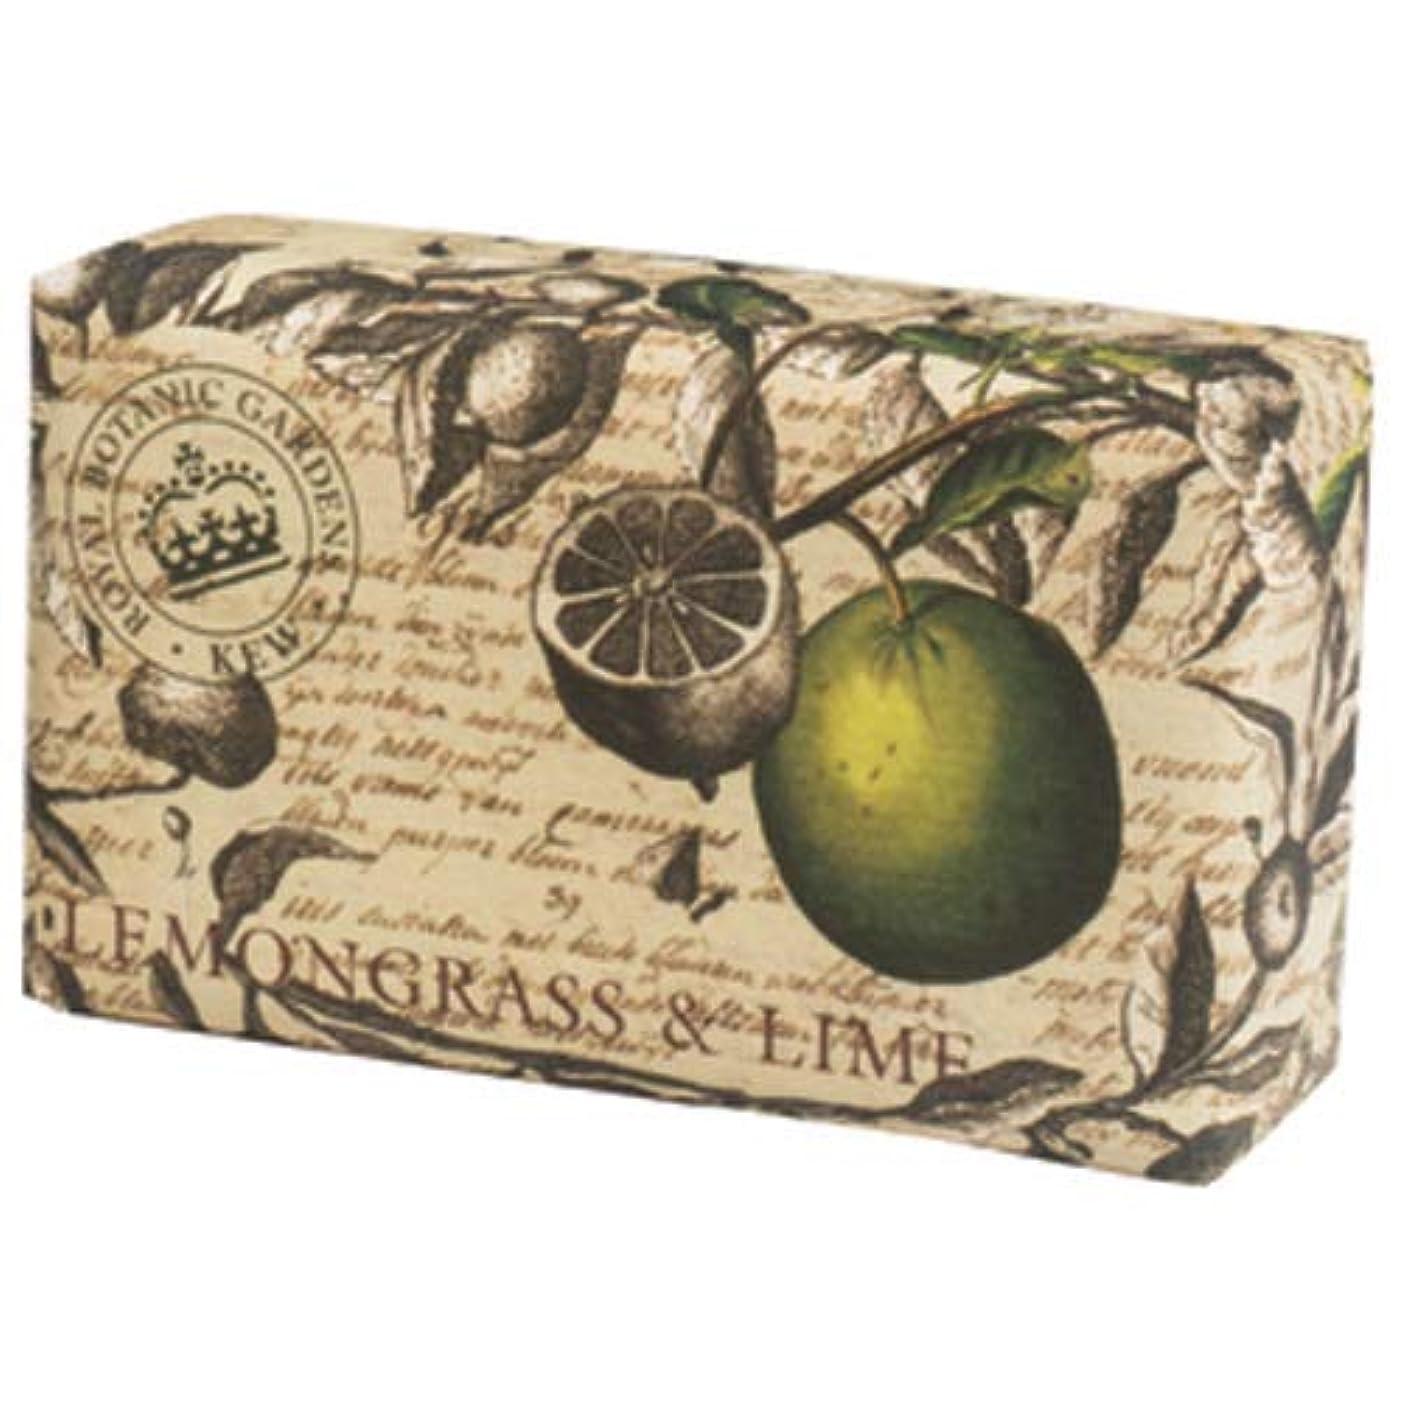 前奏曲ほかに真実にEnglish Soap Company イングリッシュソープカンパニー KEW GARDEN キュー?ガーデン Luxury Scrub Soaps スクラブソープ Lemongrass & Lime レモングラス&ライム